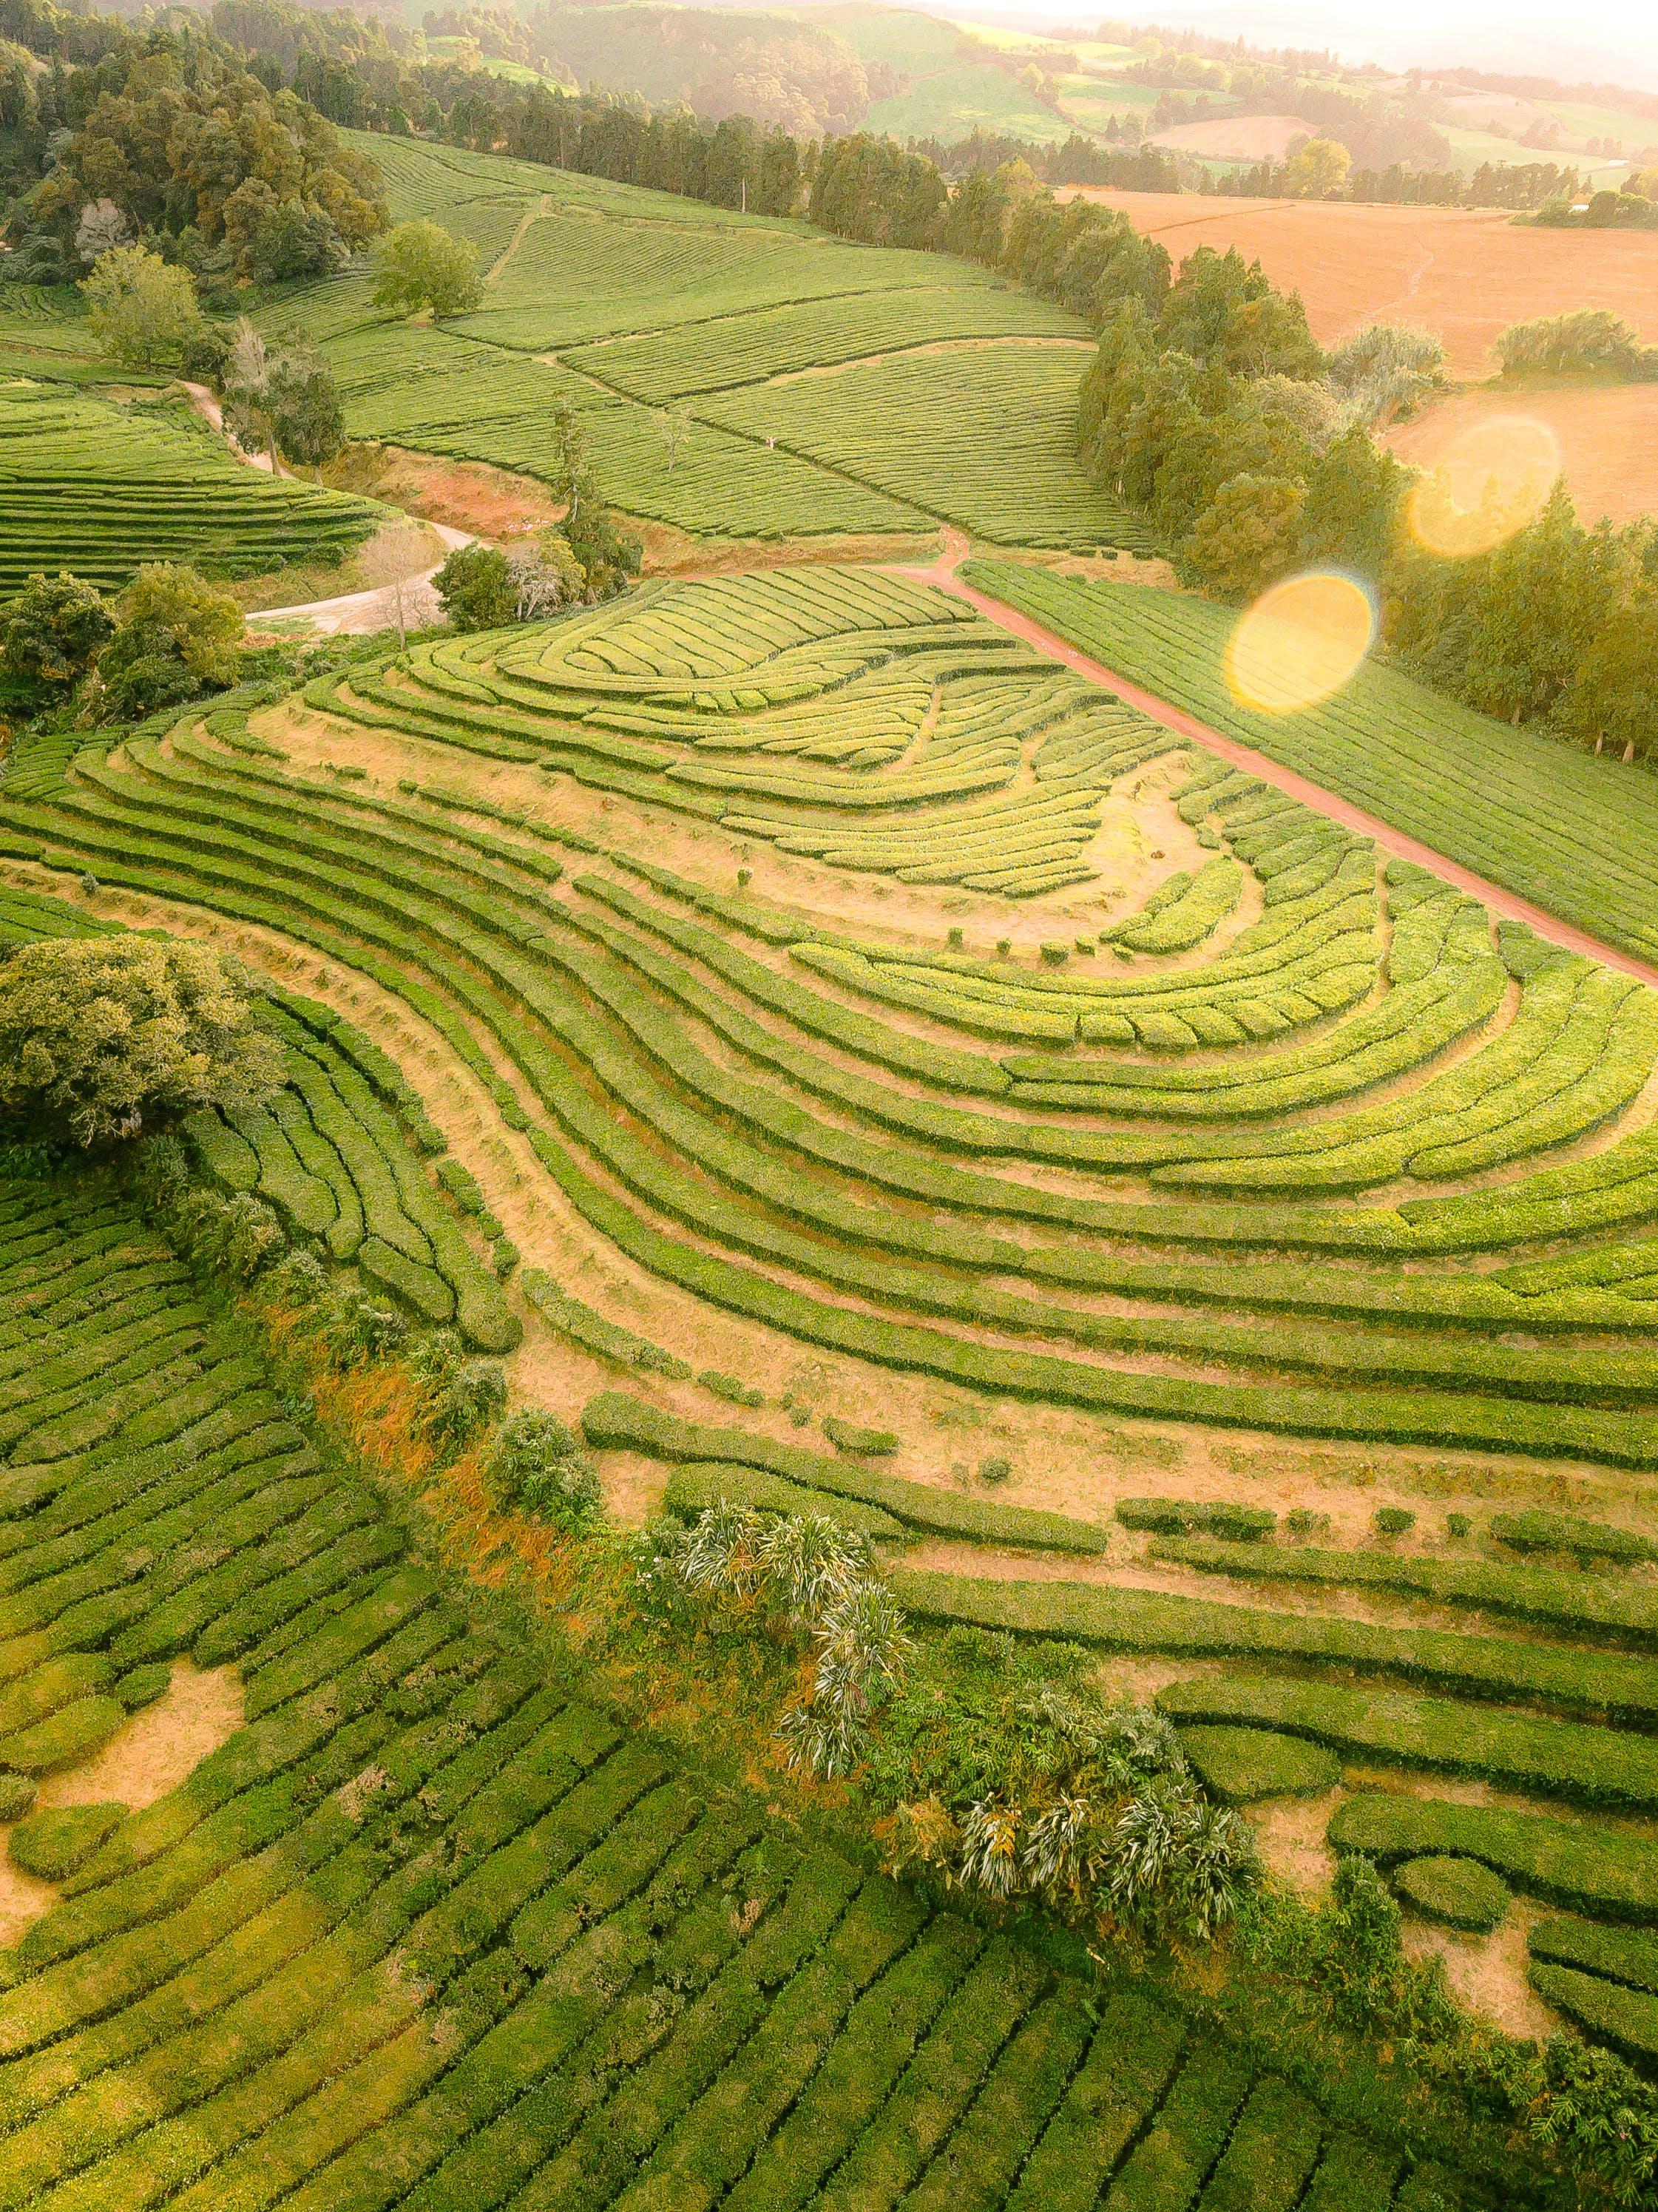 Fotos de stock gratuitas de Azores, plantación de té de chá gorreana - são miguel, vista de drone